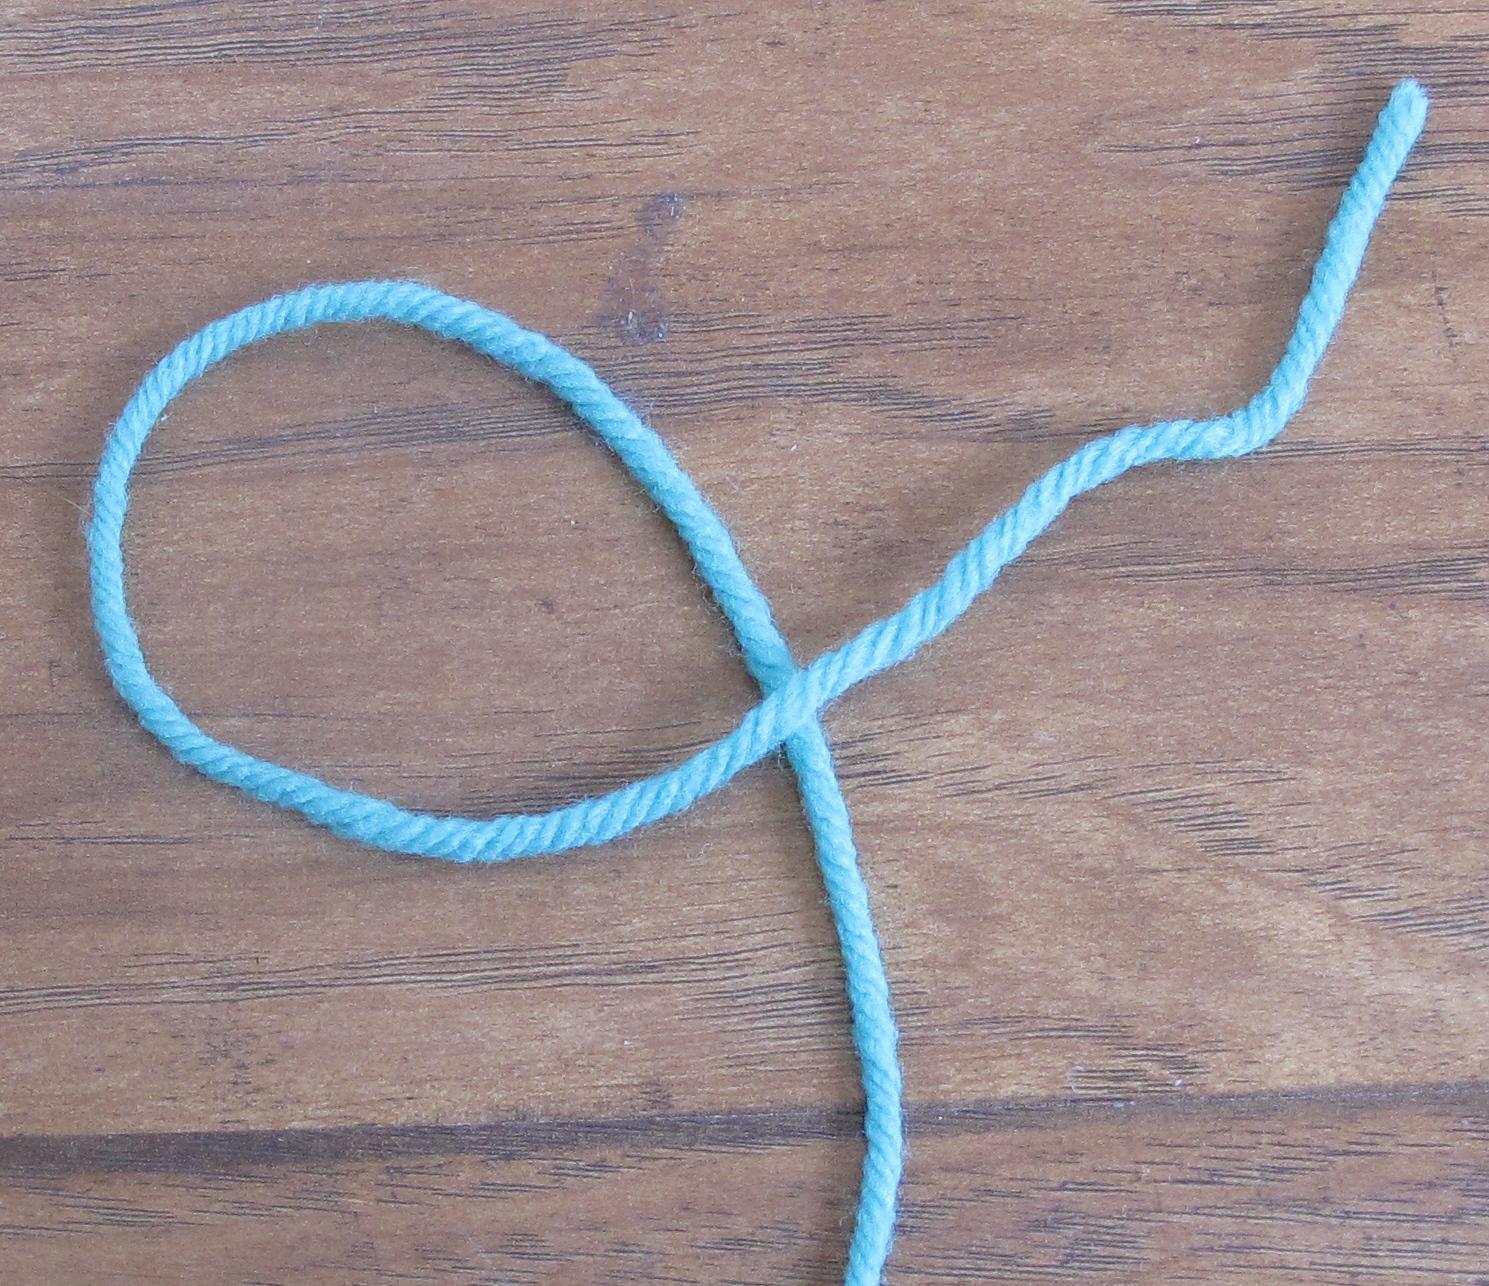 Crochet Slip Knot Tutorial : ReCrochetions: Tutorial: Slip Knot (Left-Handed)